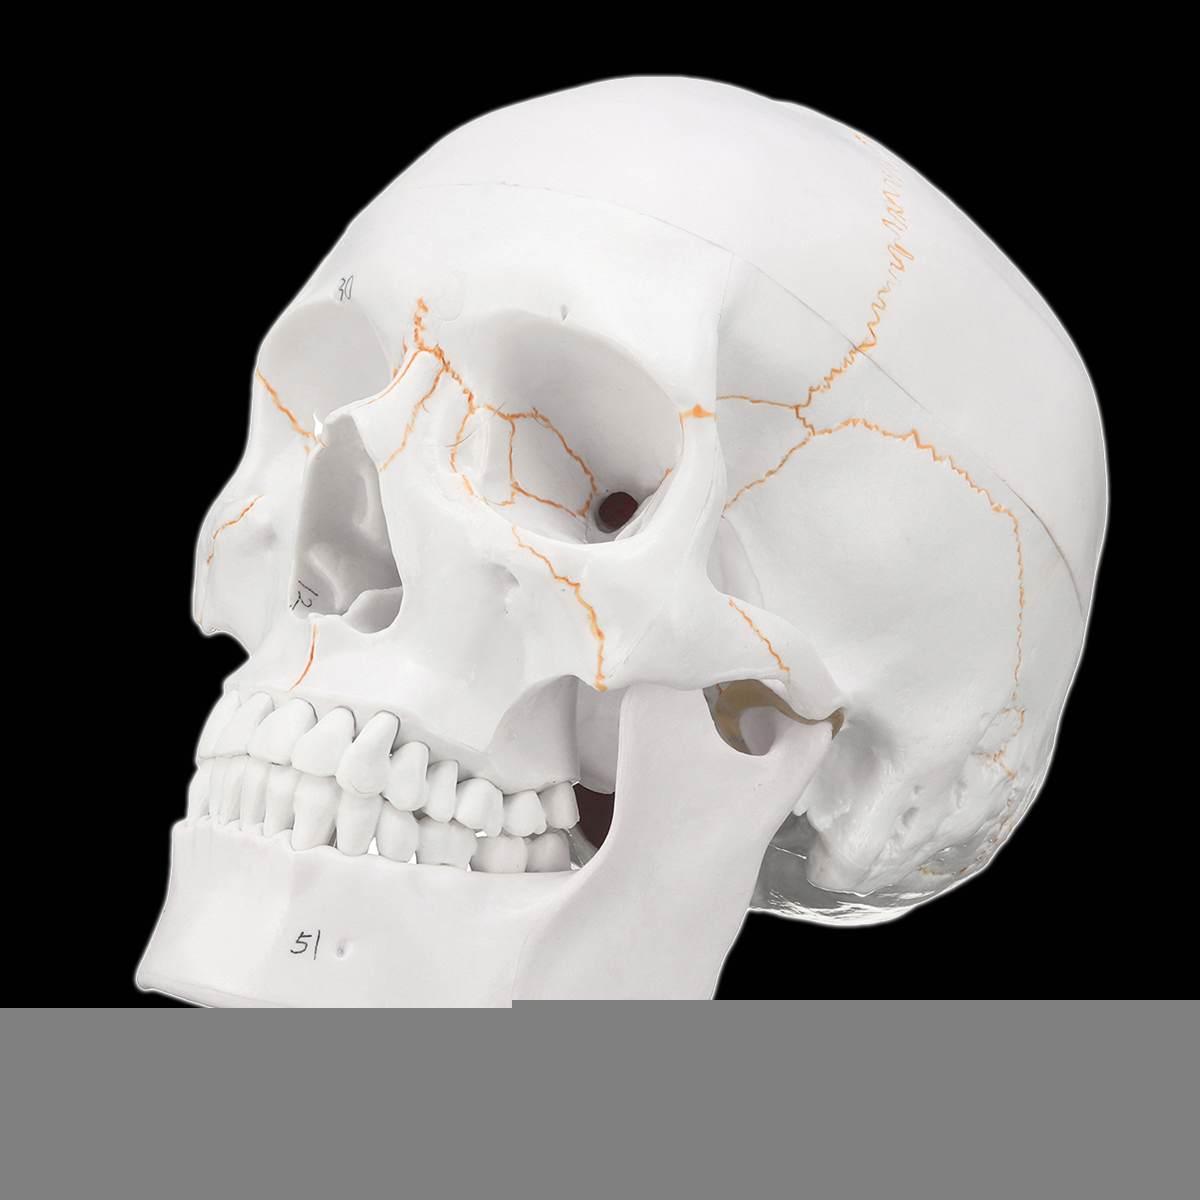 1:1 tête crâne modèle Science médicale squelette taille réelle crâne pour l'école anatomie humaine enseignement précis tête adulte modèle médical